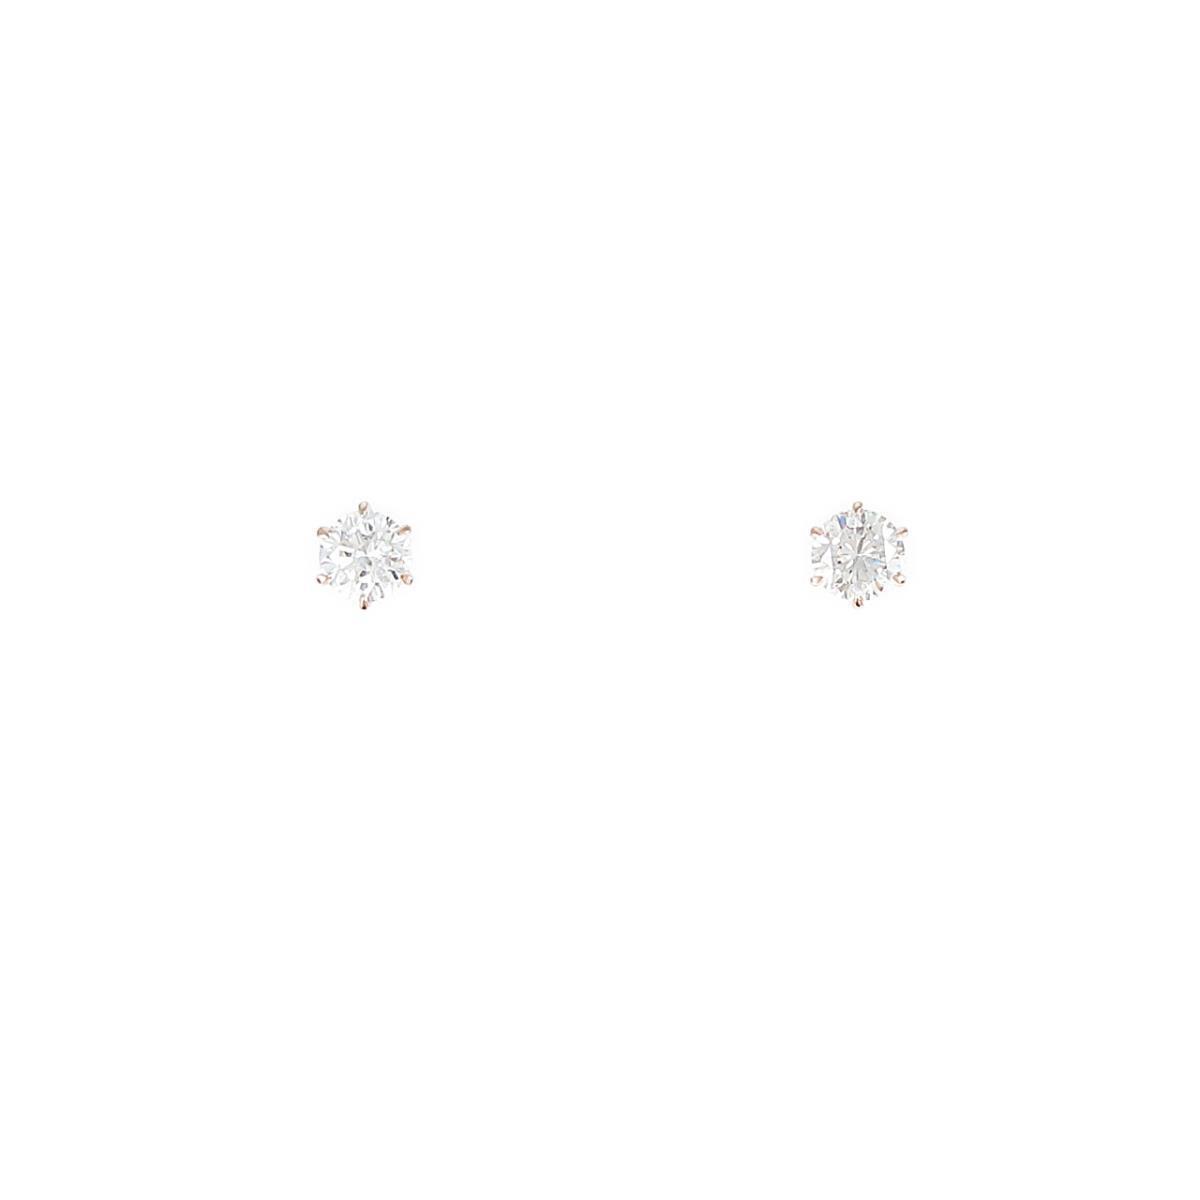 【リメイク】K18PG ダイヤモンドピアス 0.235ct・0.235ct・J・VS2・GOOD【中古】